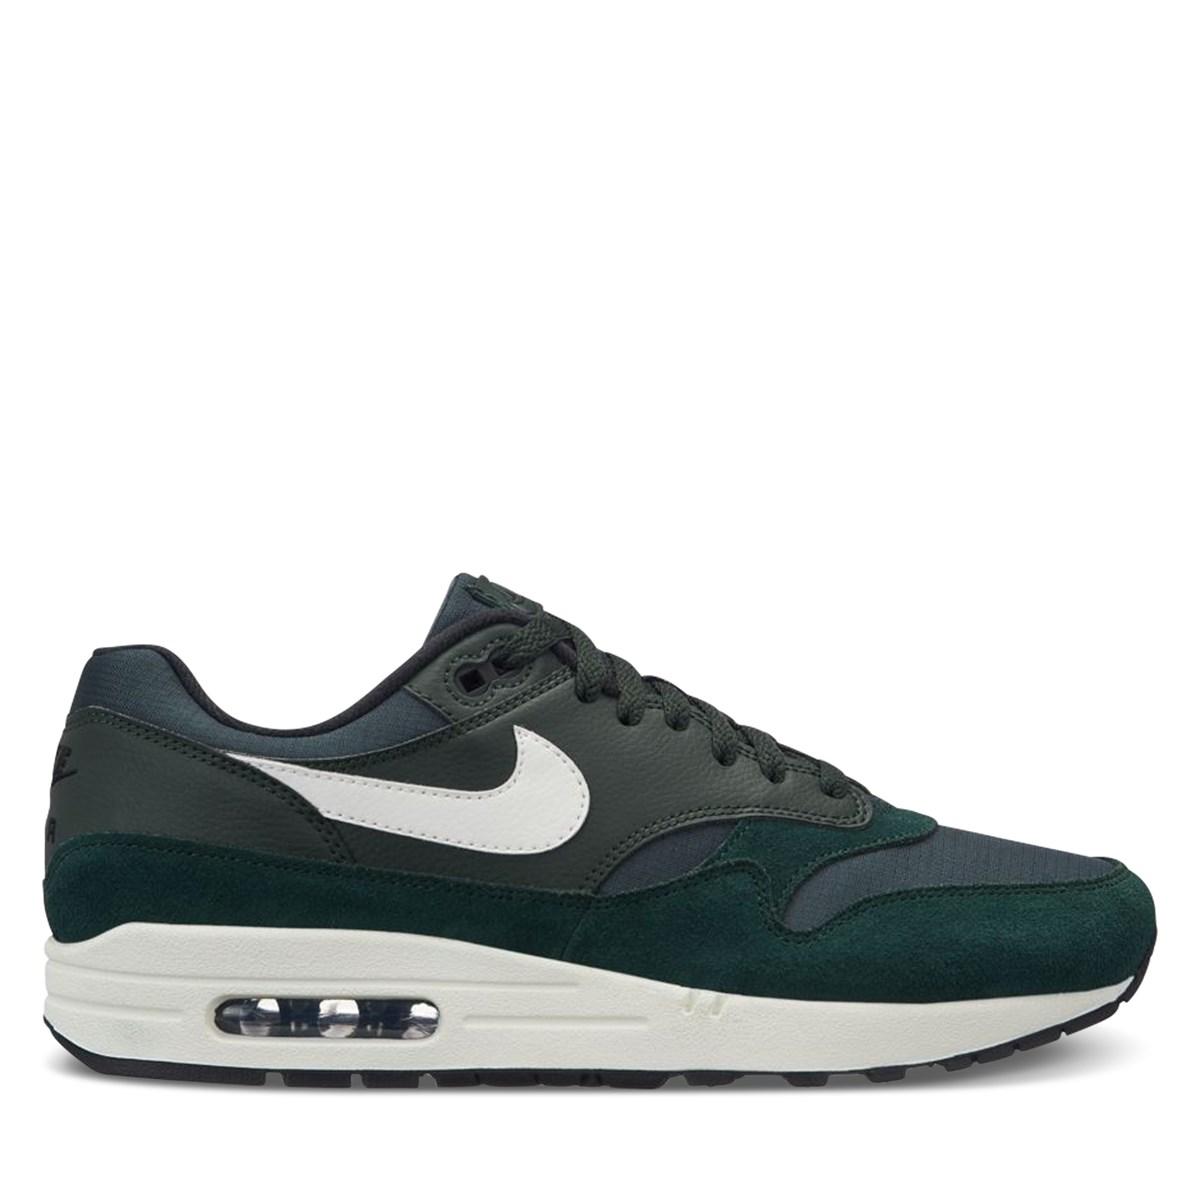 Men's Air Max 1 Sneaker in Green